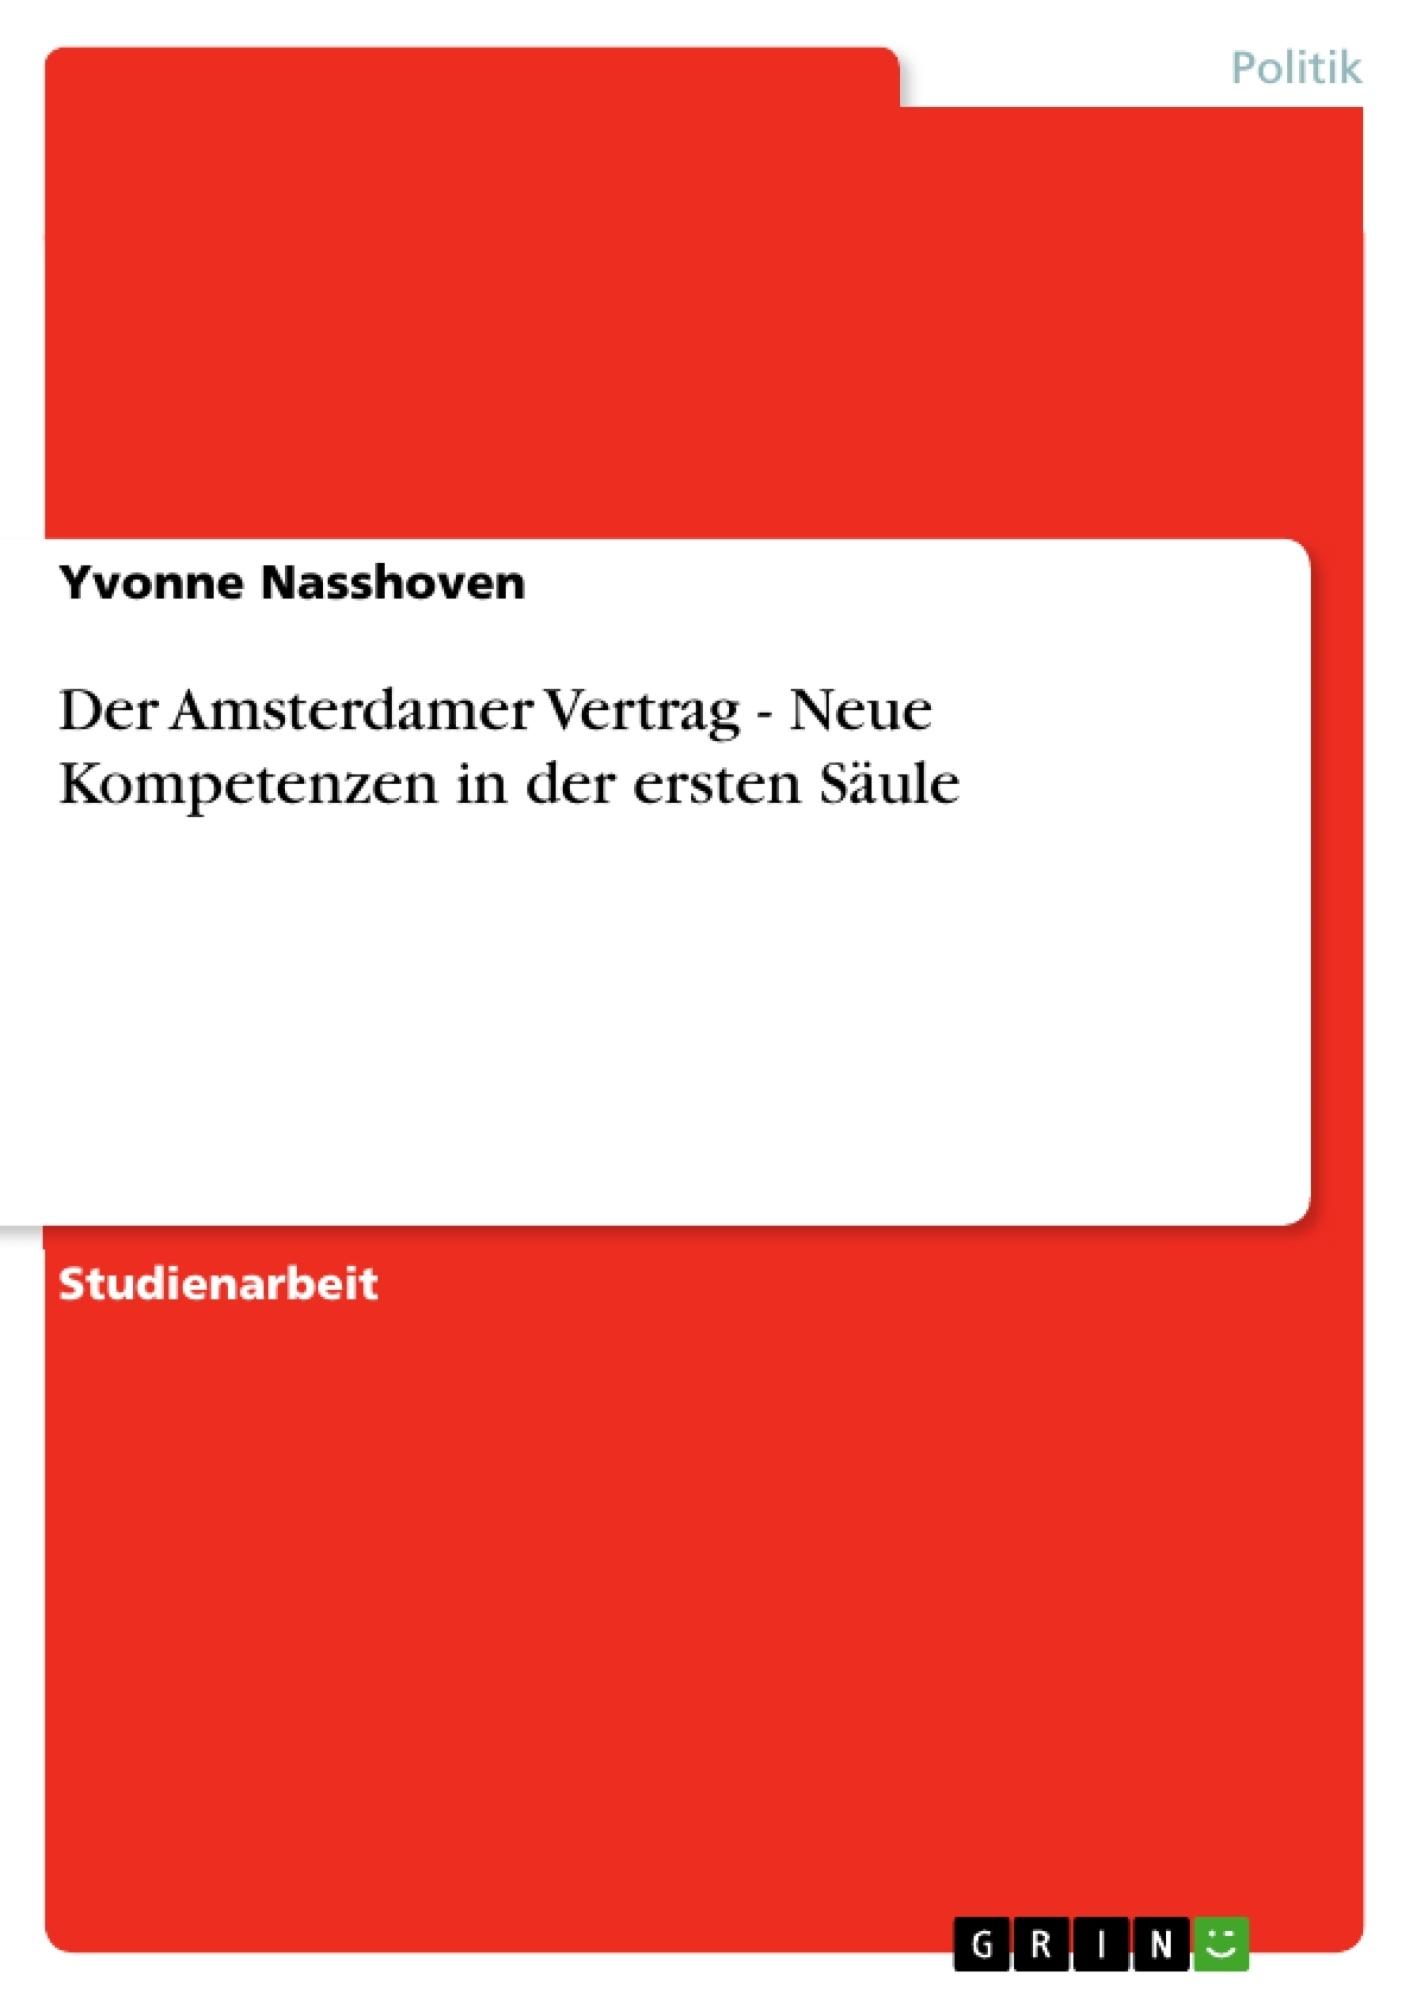 Titel: Der Amsterdamer Vertrag - Neue Kompetenzen in der ersten Säule